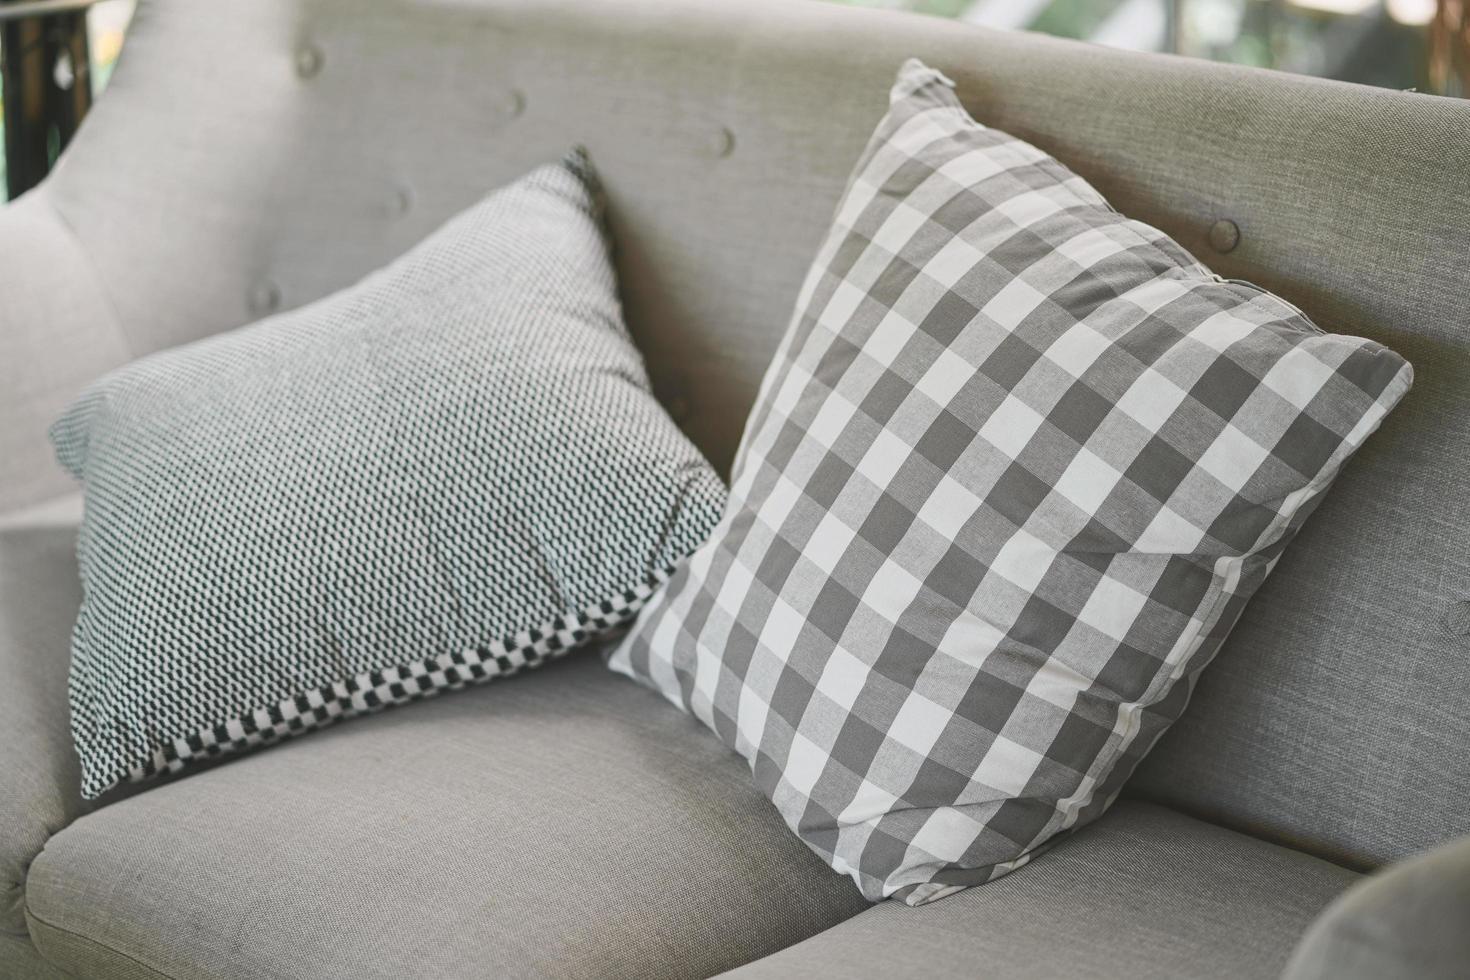 närbild av grå kudde på soffan i ett hem foto